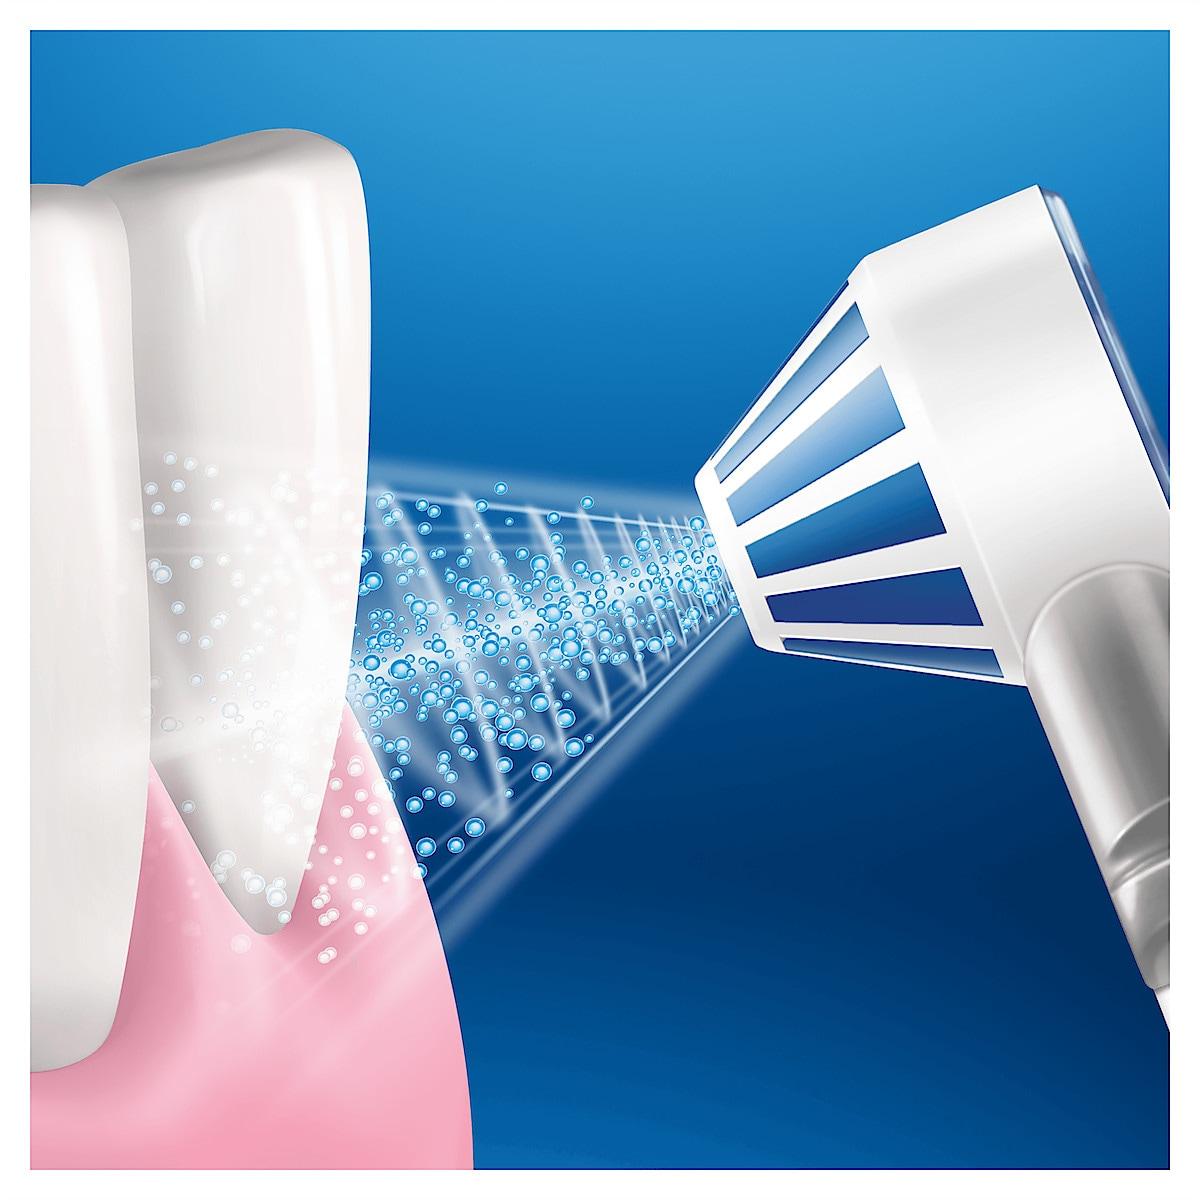 Oral-B AquaCare 4 Water Flosser munndusj